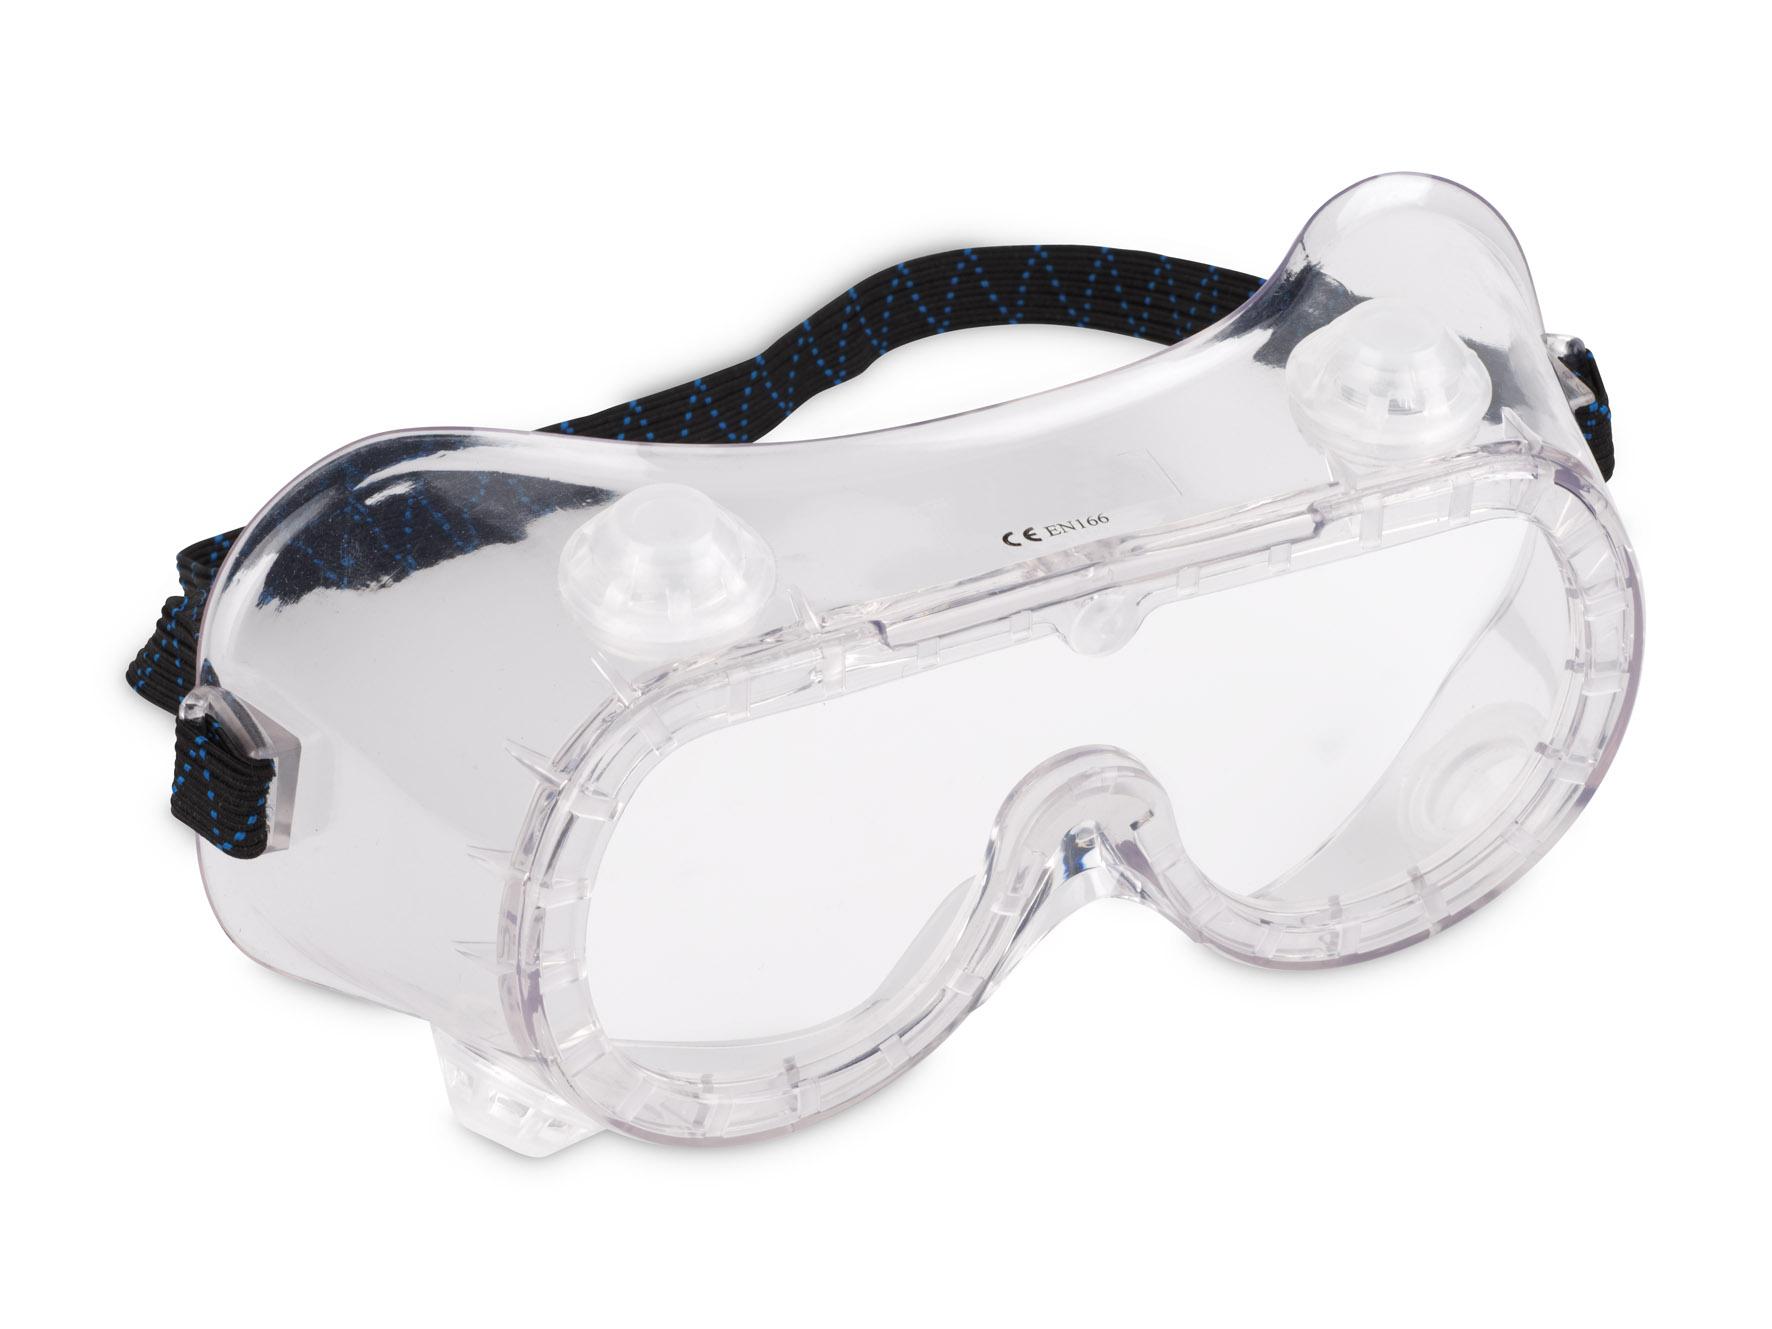 Beskyttelsesbriller med ventil, dugfri